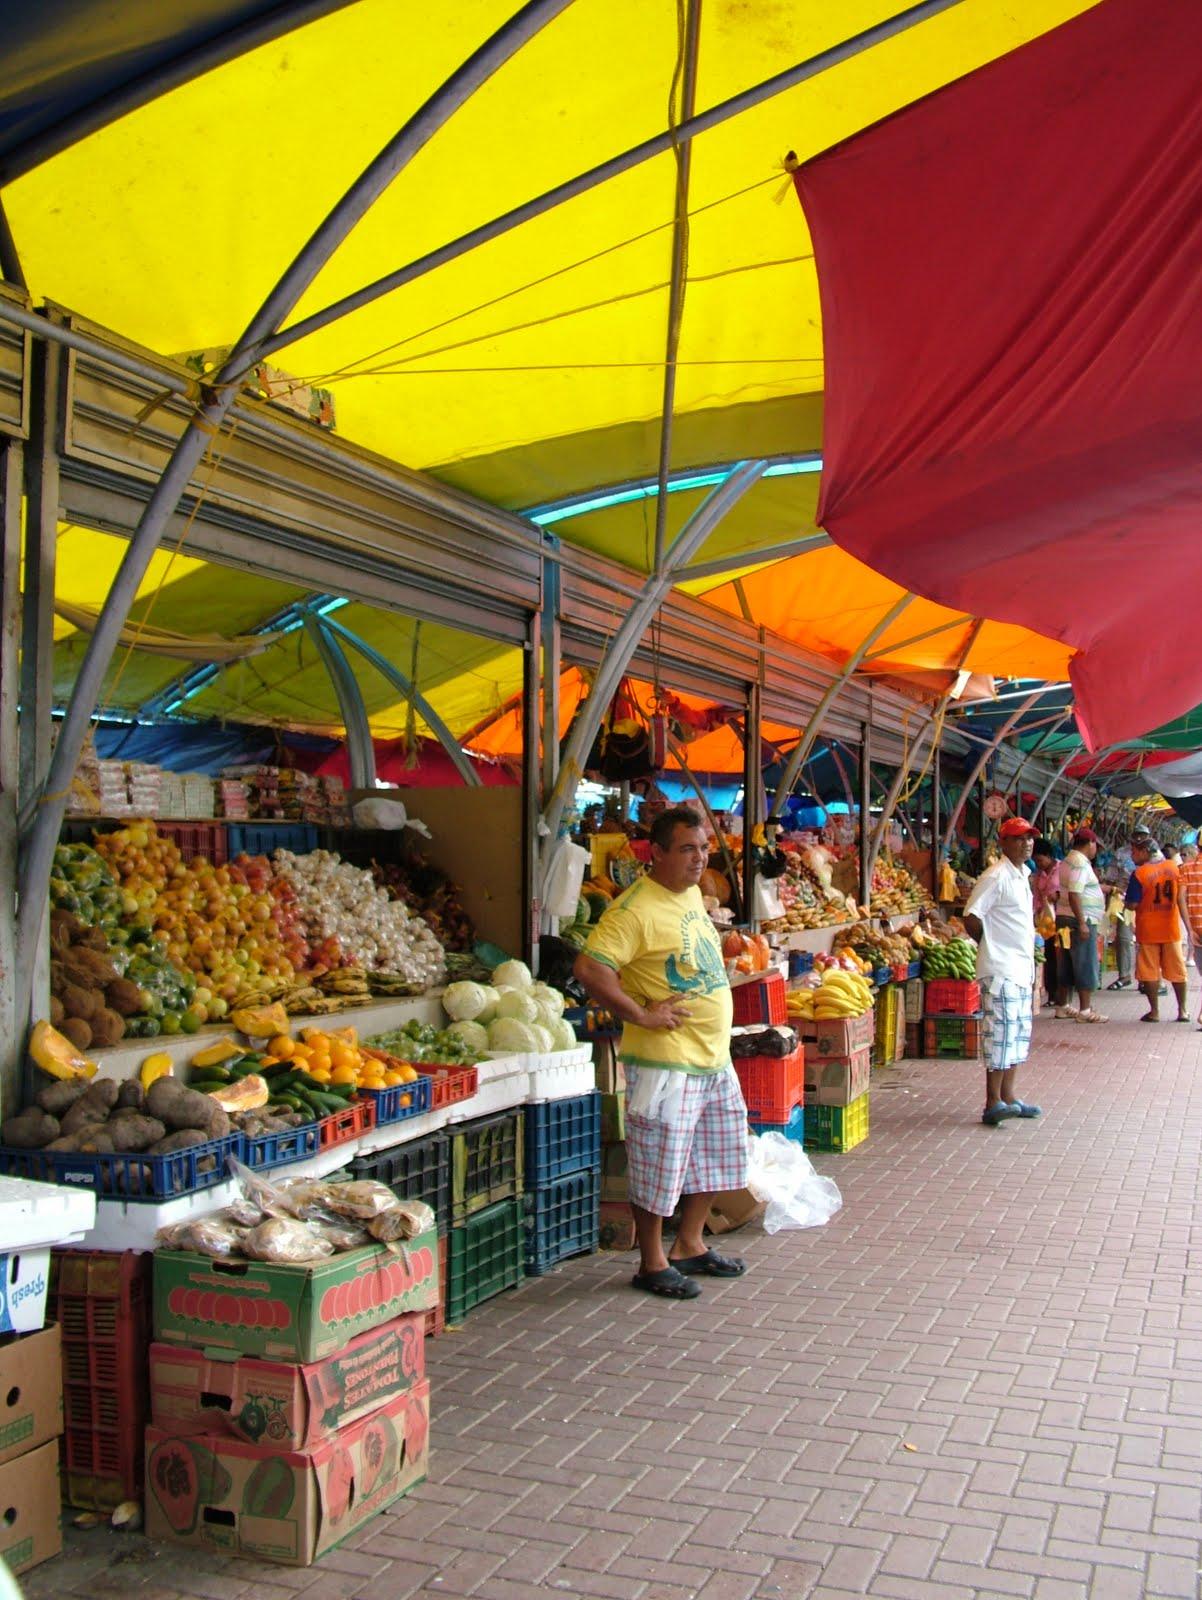 http://3.bp.blogspot.com/_5ZO_j9ozWwo/TPp82mi8VwI/AAAAAAAAALA/ZfunqJkZWqk/s1600/Curacao%2B02.JPG